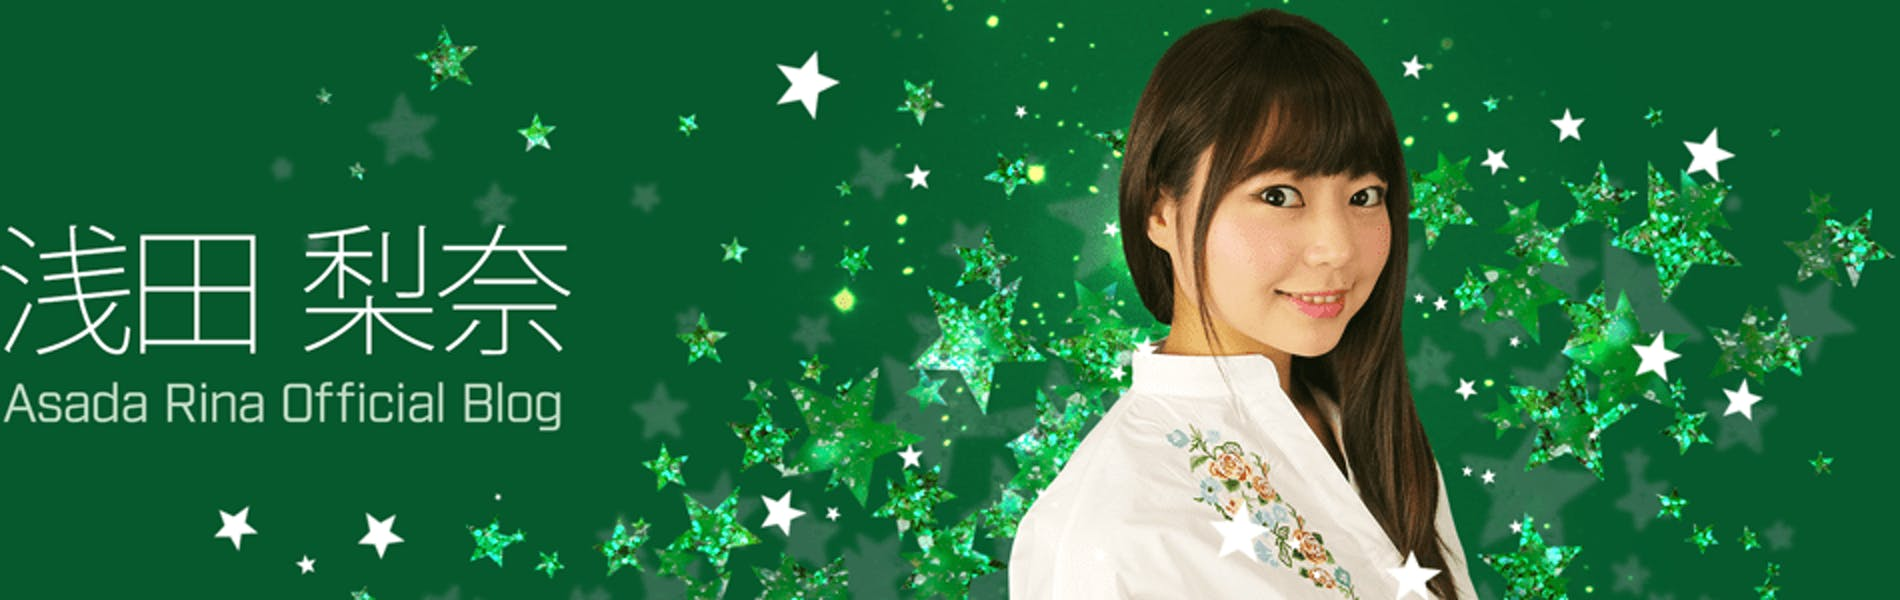 浅田梨奈 オフィシャルブログ